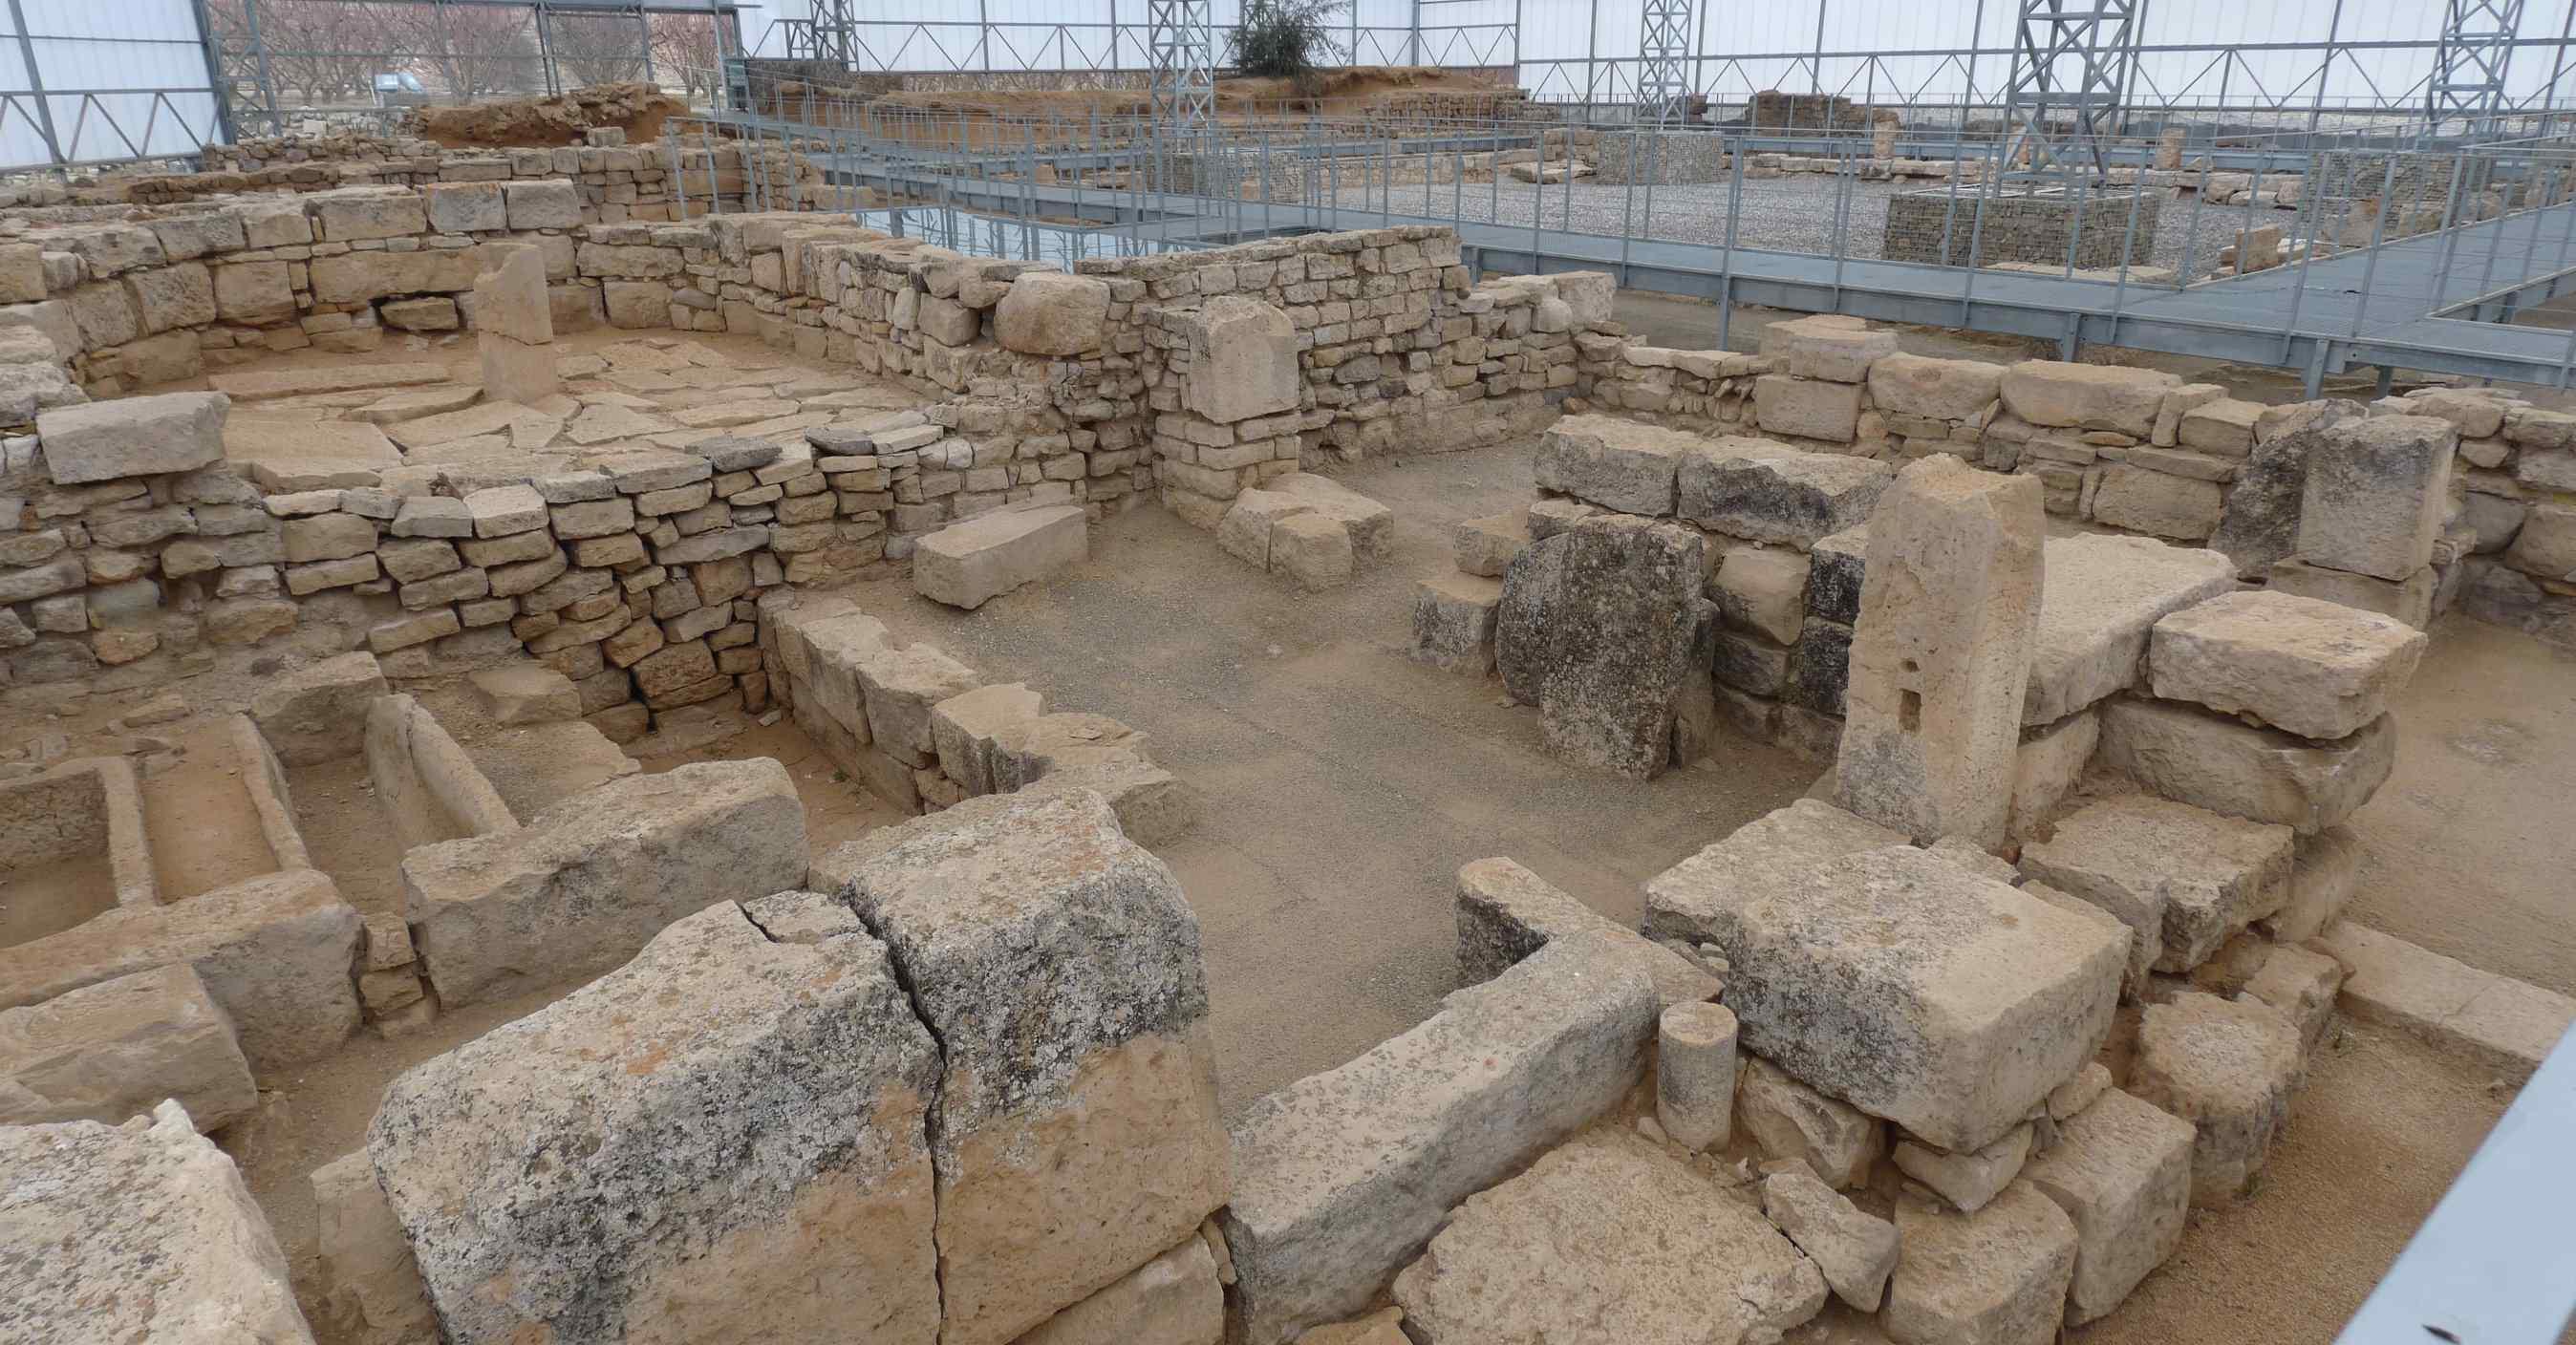 Villa fortunatus los vestigios romanos del bajo cinca for Villas romanas